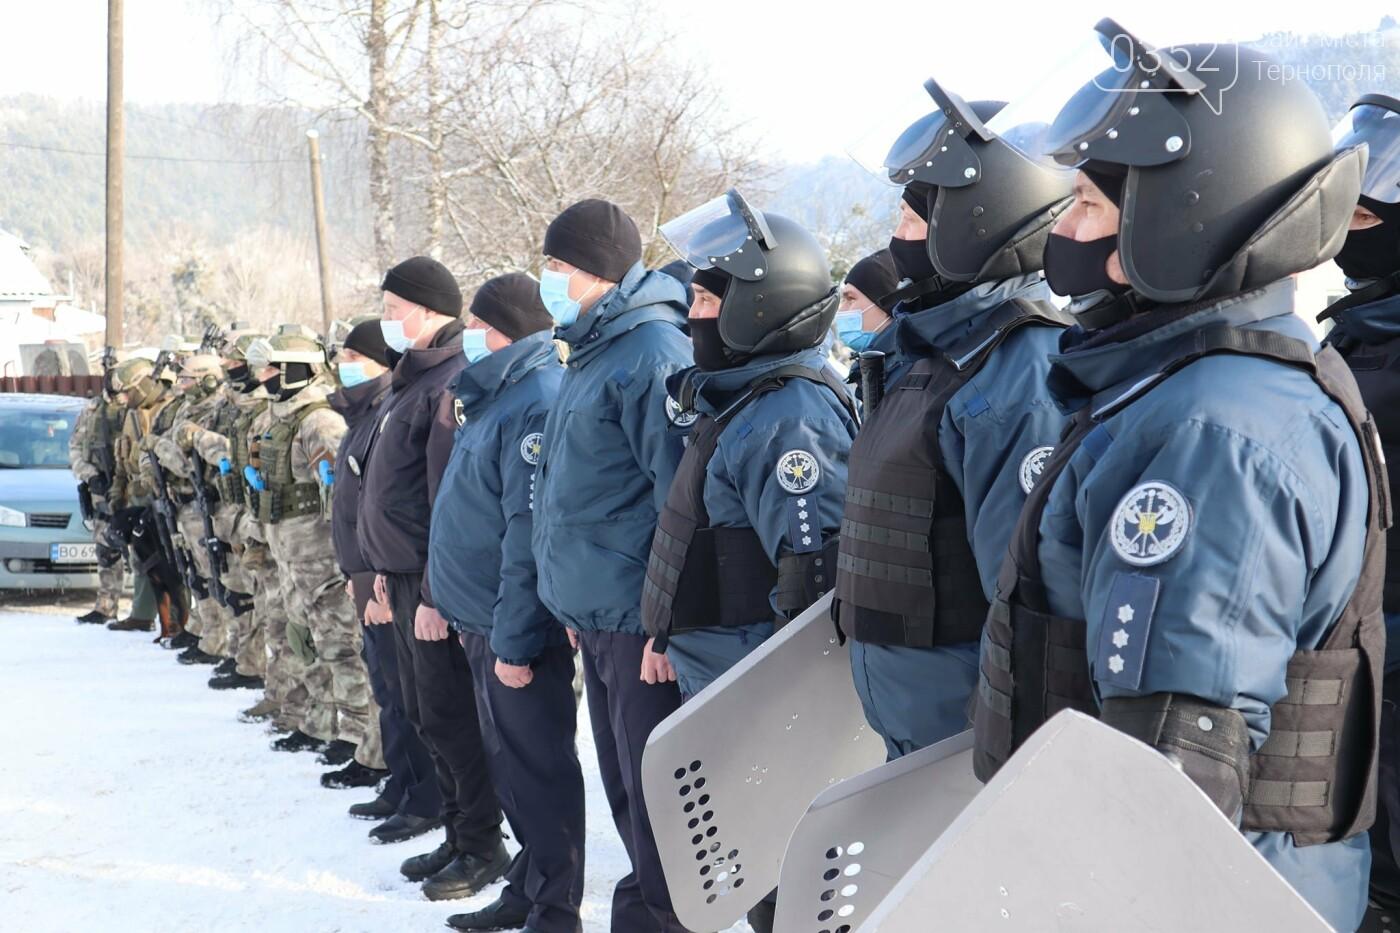 На Тернопільщині довелося визволяти заручника (ФОТО), фото-2